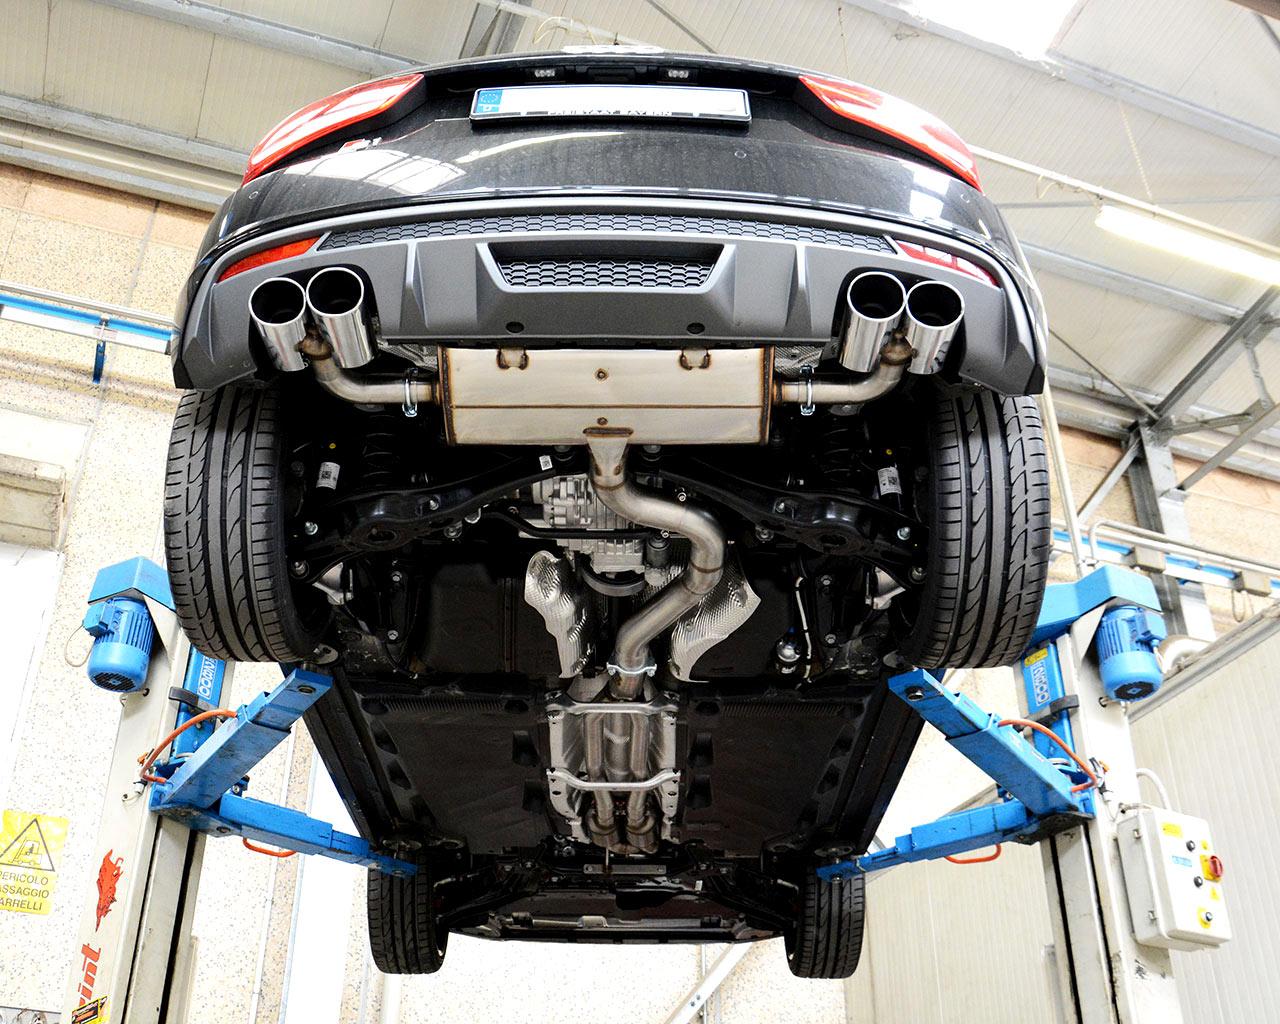 CПБ-ГЛУШИТЕЛЬ - Ремонт-катализатора-сажевого-фильтра-Audi